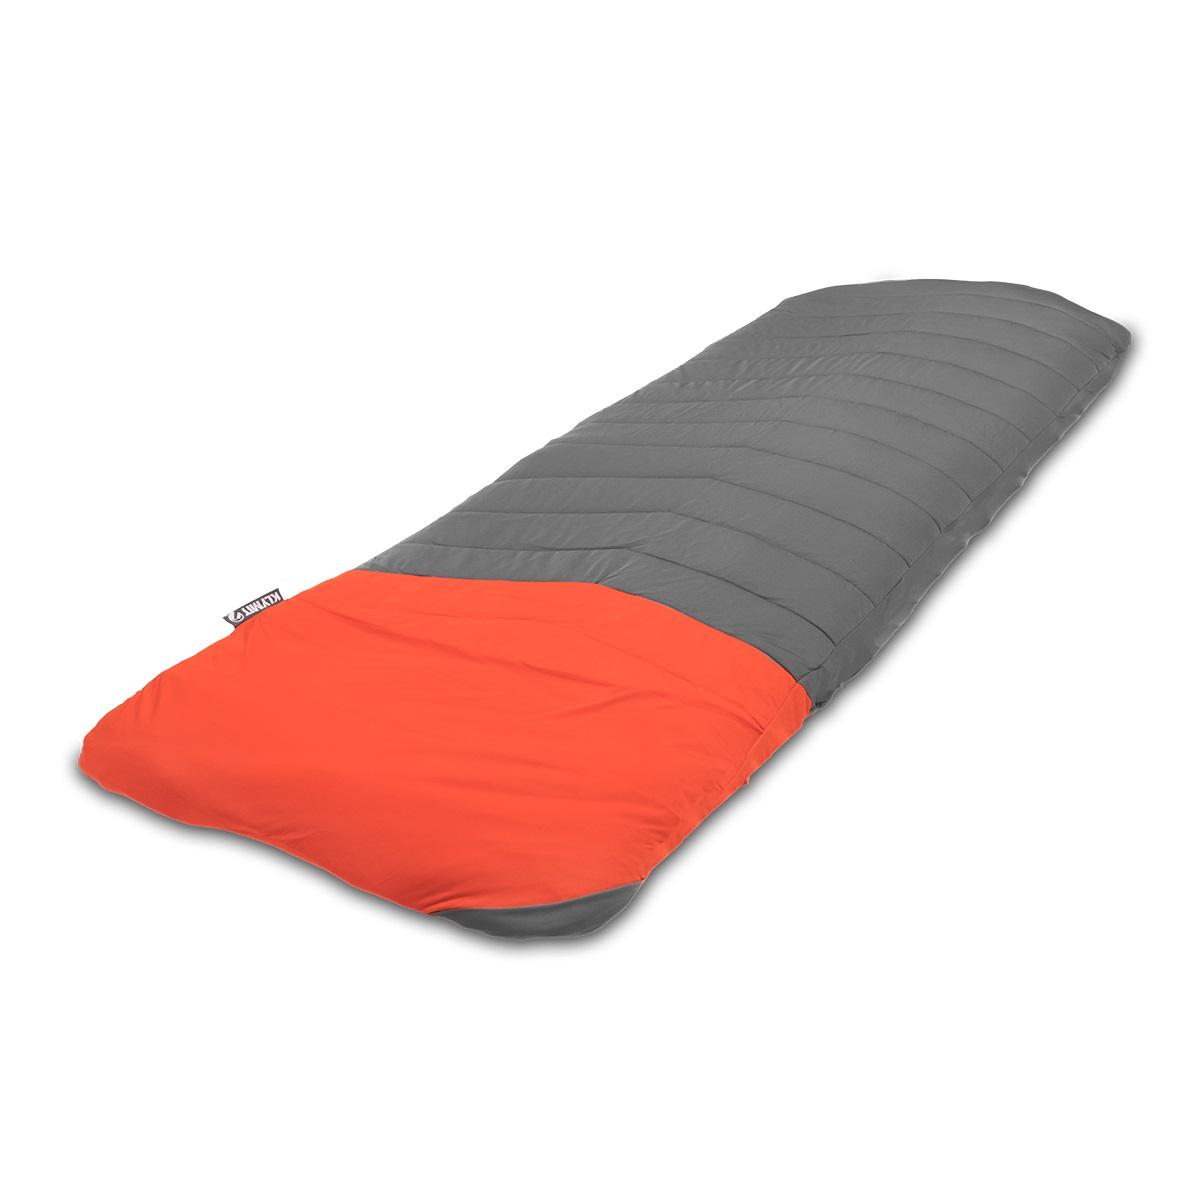 Чехол для туристического коврика Quilted V Sheet Серо-оранжевый (13ICORSVC)